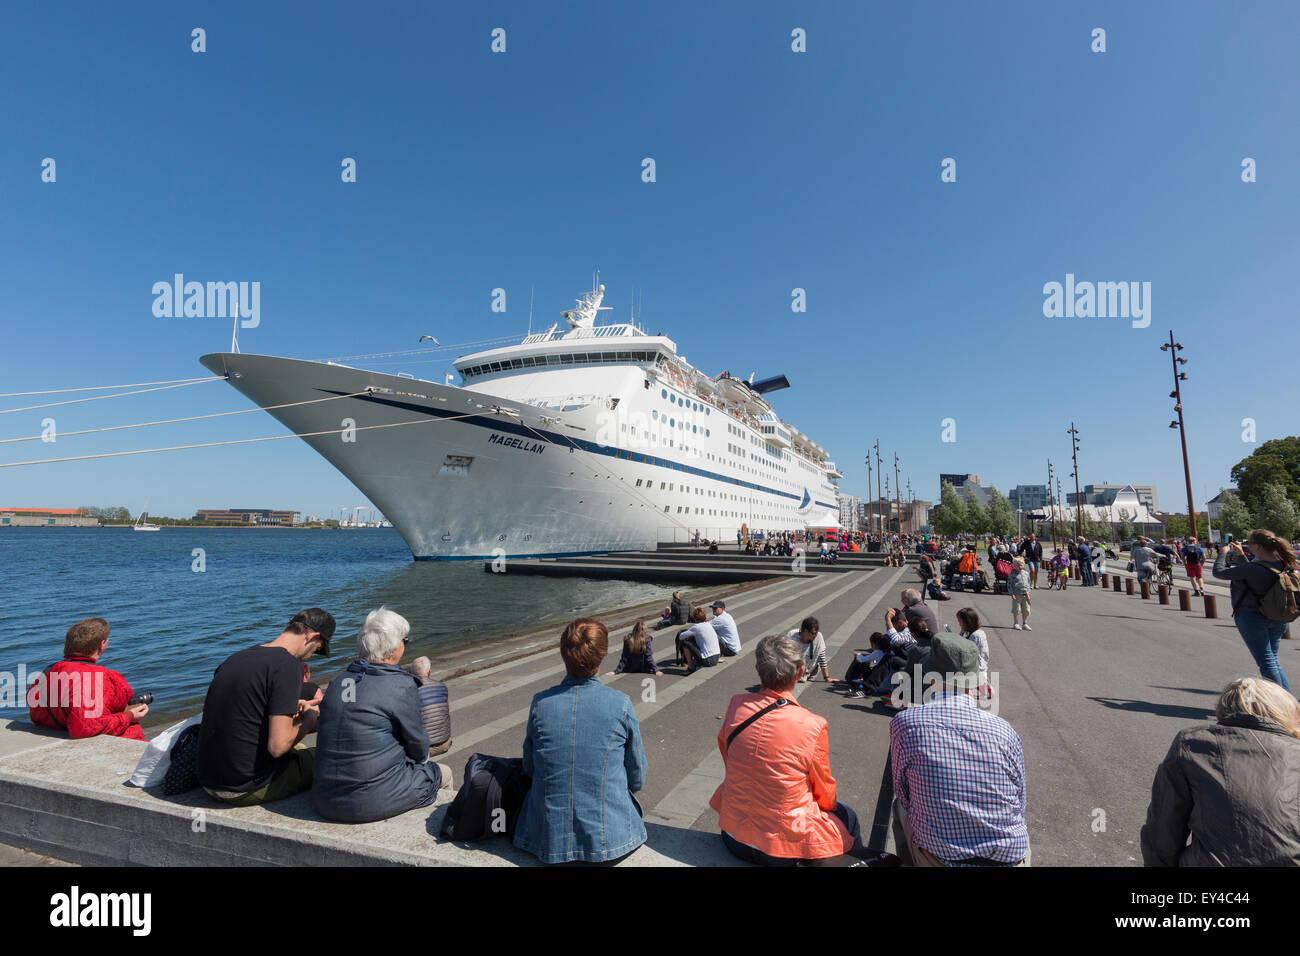 Cruise Maritime Voyages Cruise Ship Magellan Stock Photo - Magellan cruise ship